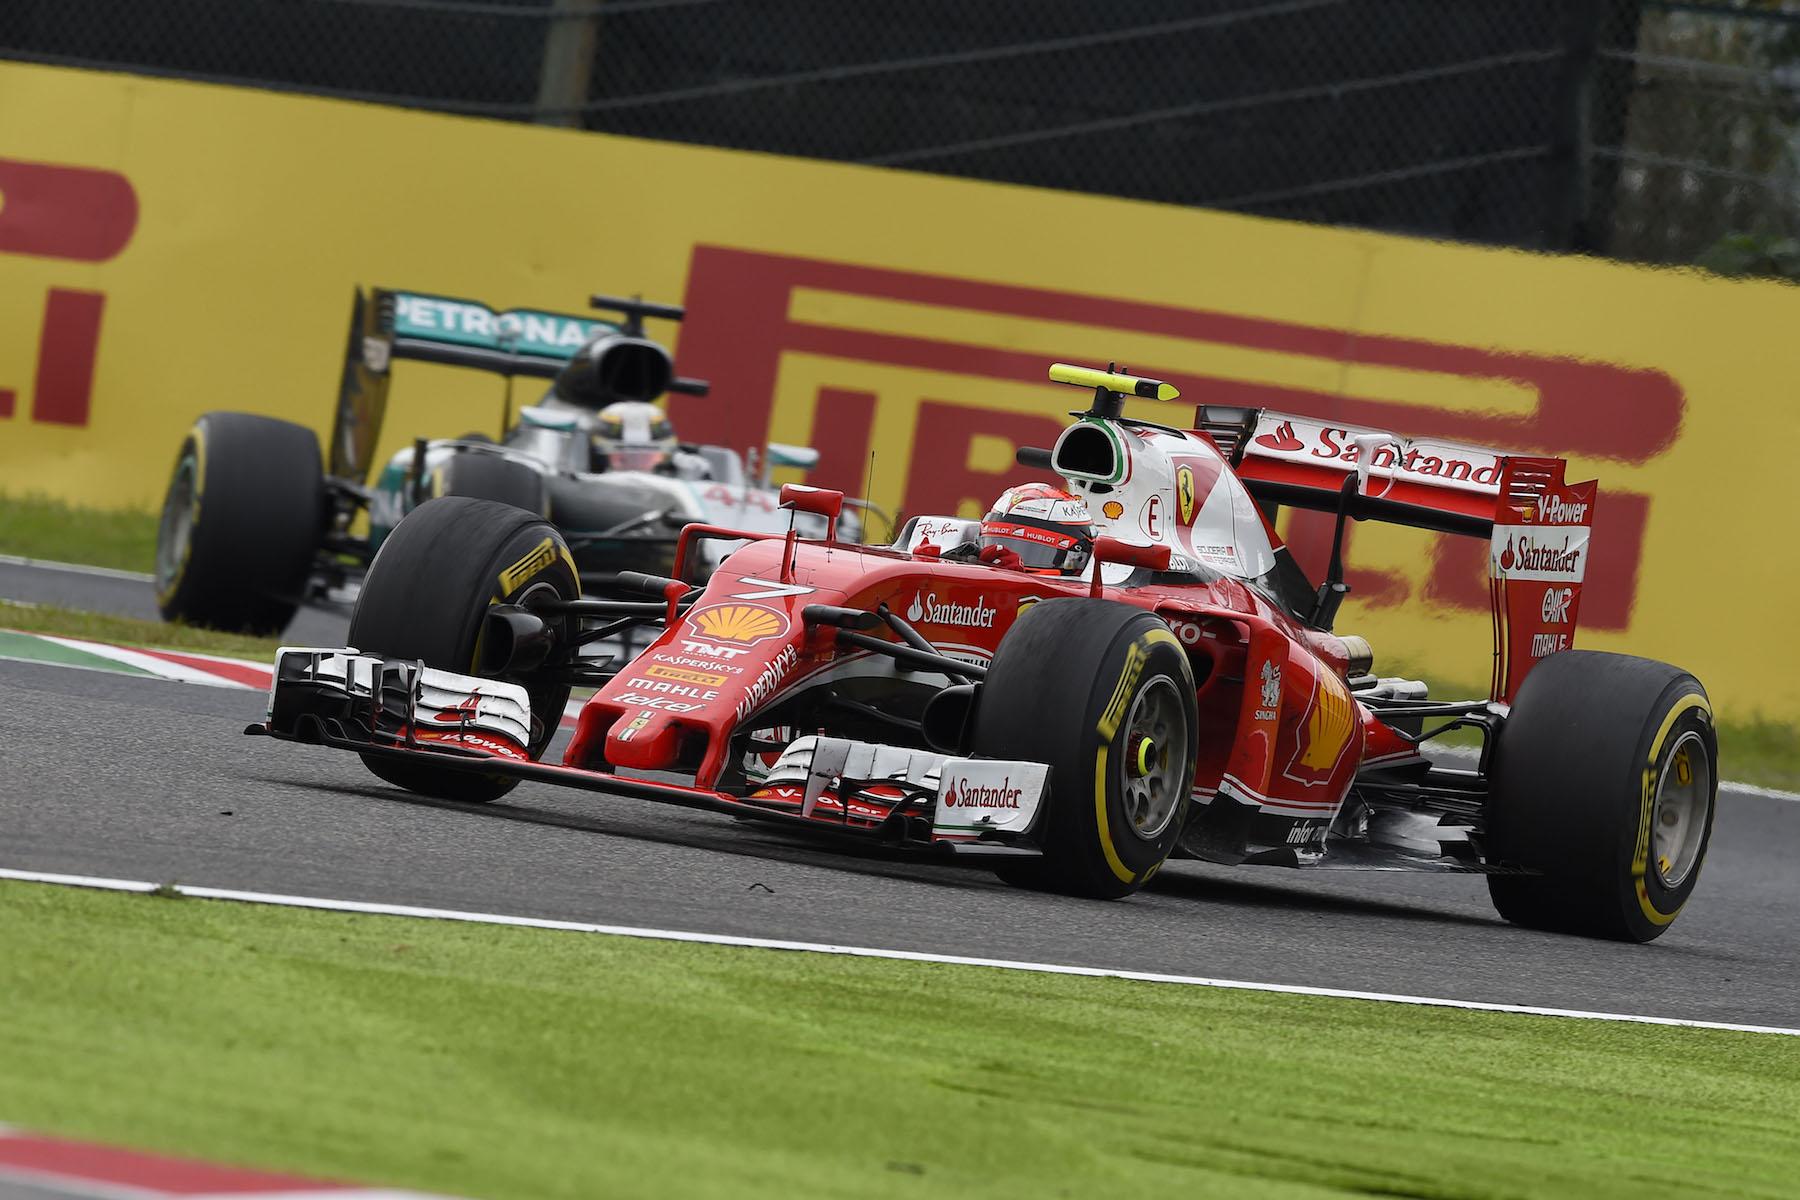 Salracing - Raikkonen leading Hamilton